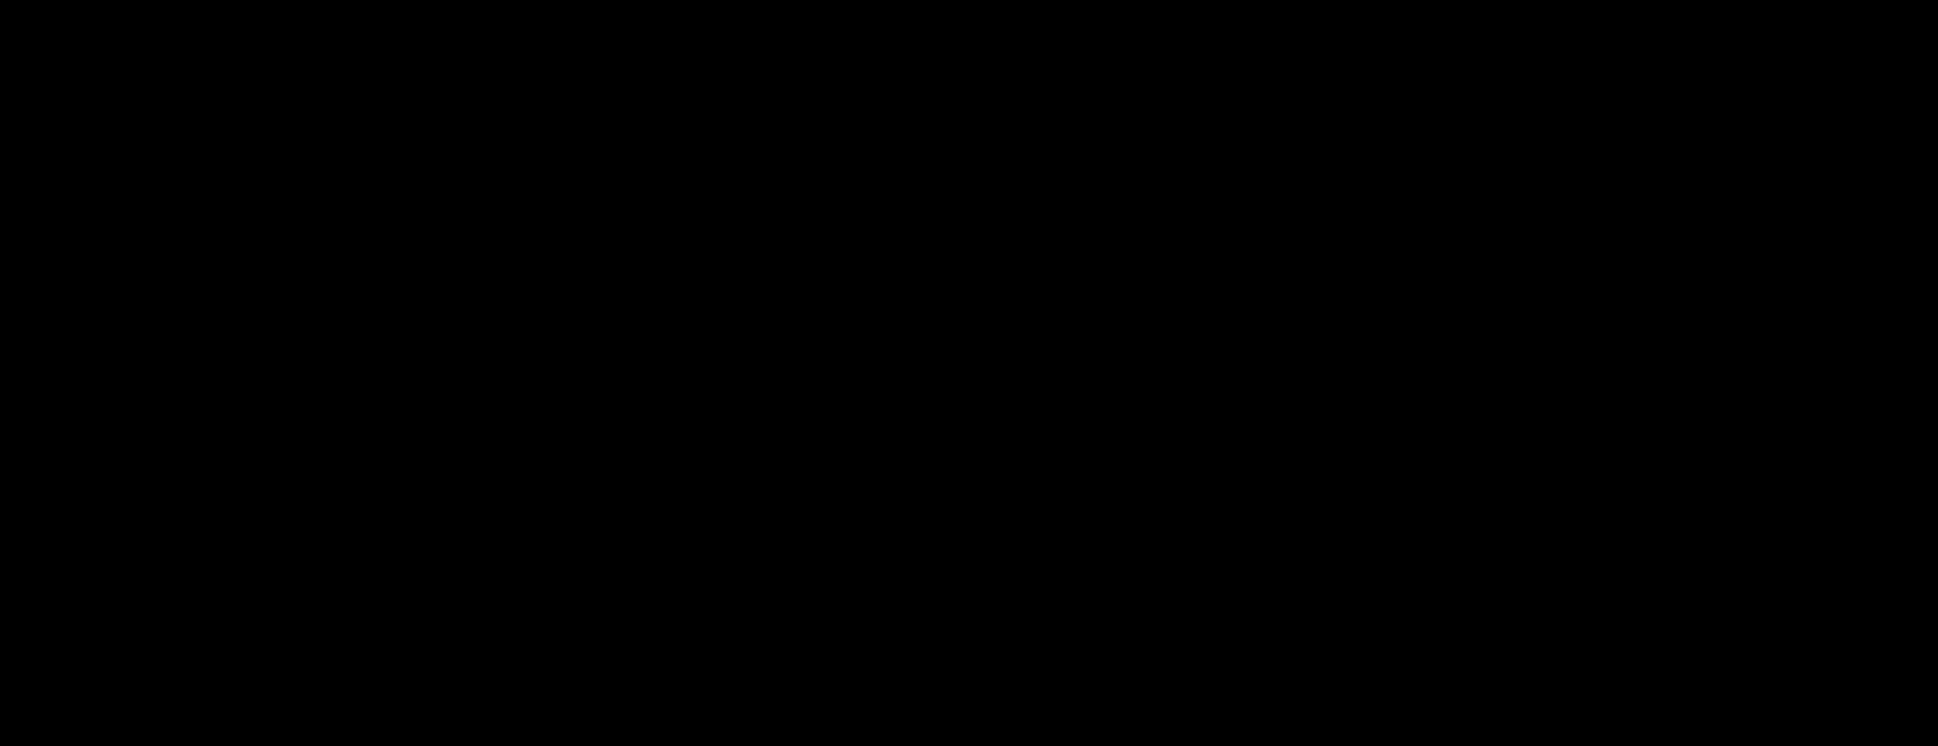 N-(2-((2-Aminoethyl)disulfanyl)ethyl)-2-(7-hydroxycoumarin-4-yl)acetamide